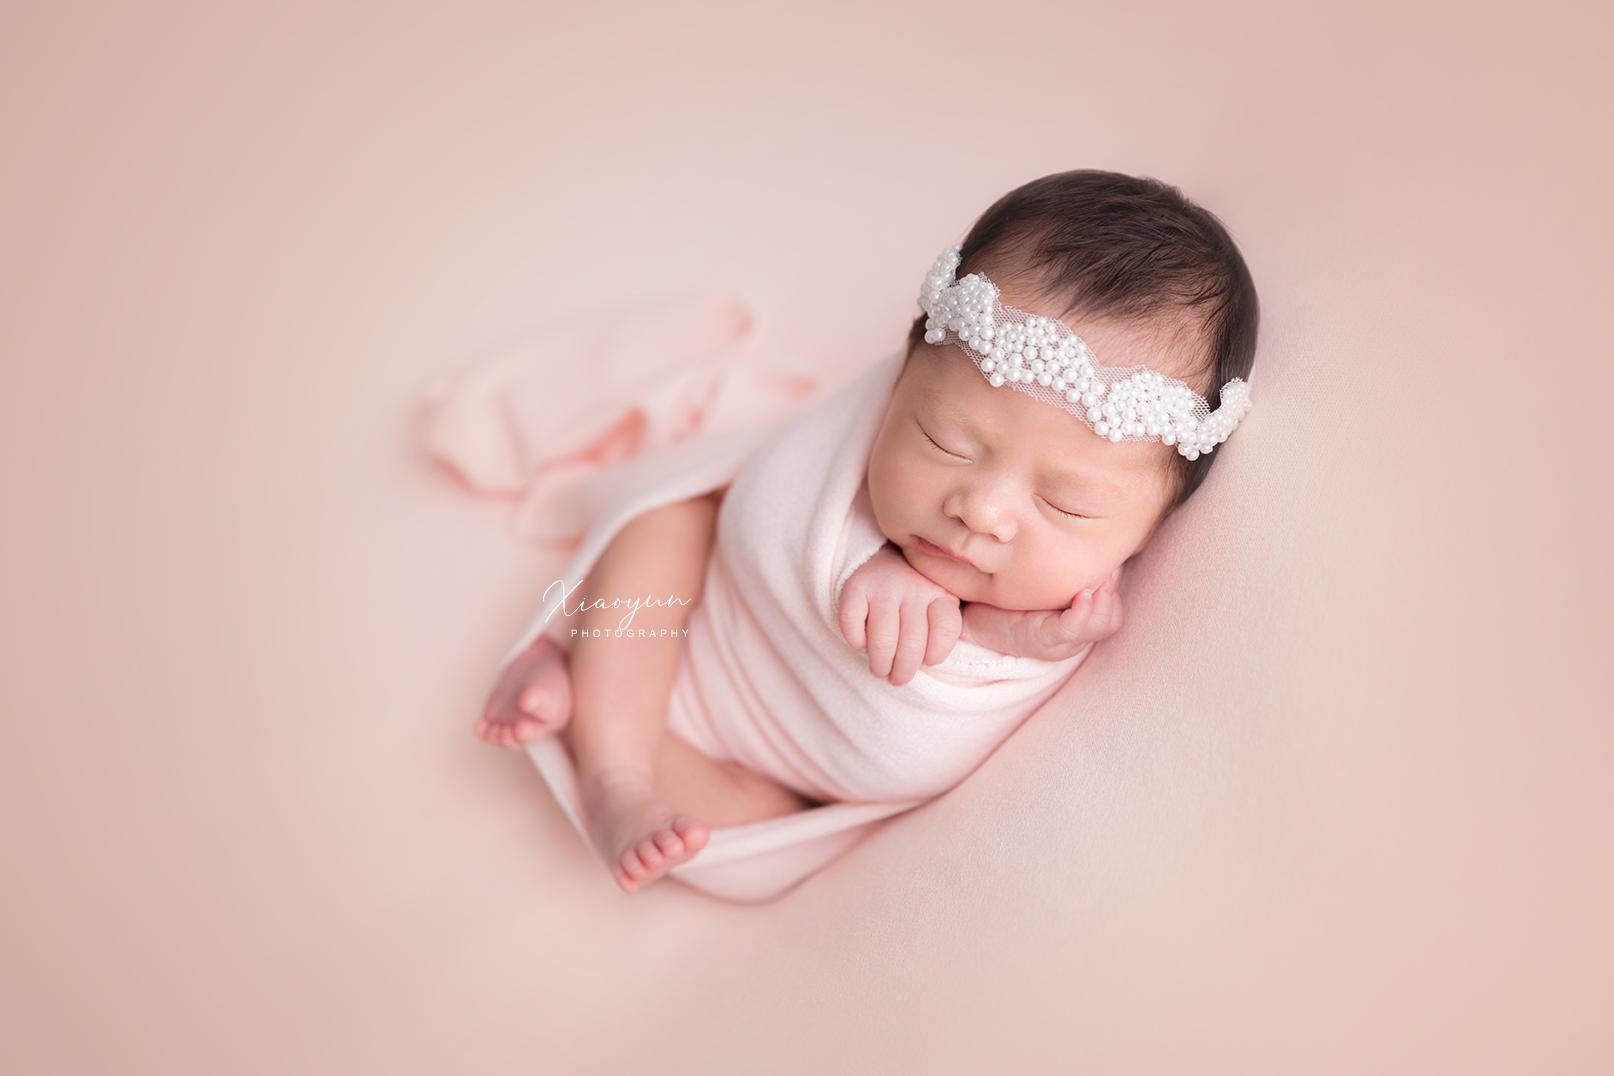 newborn baby photo-n4